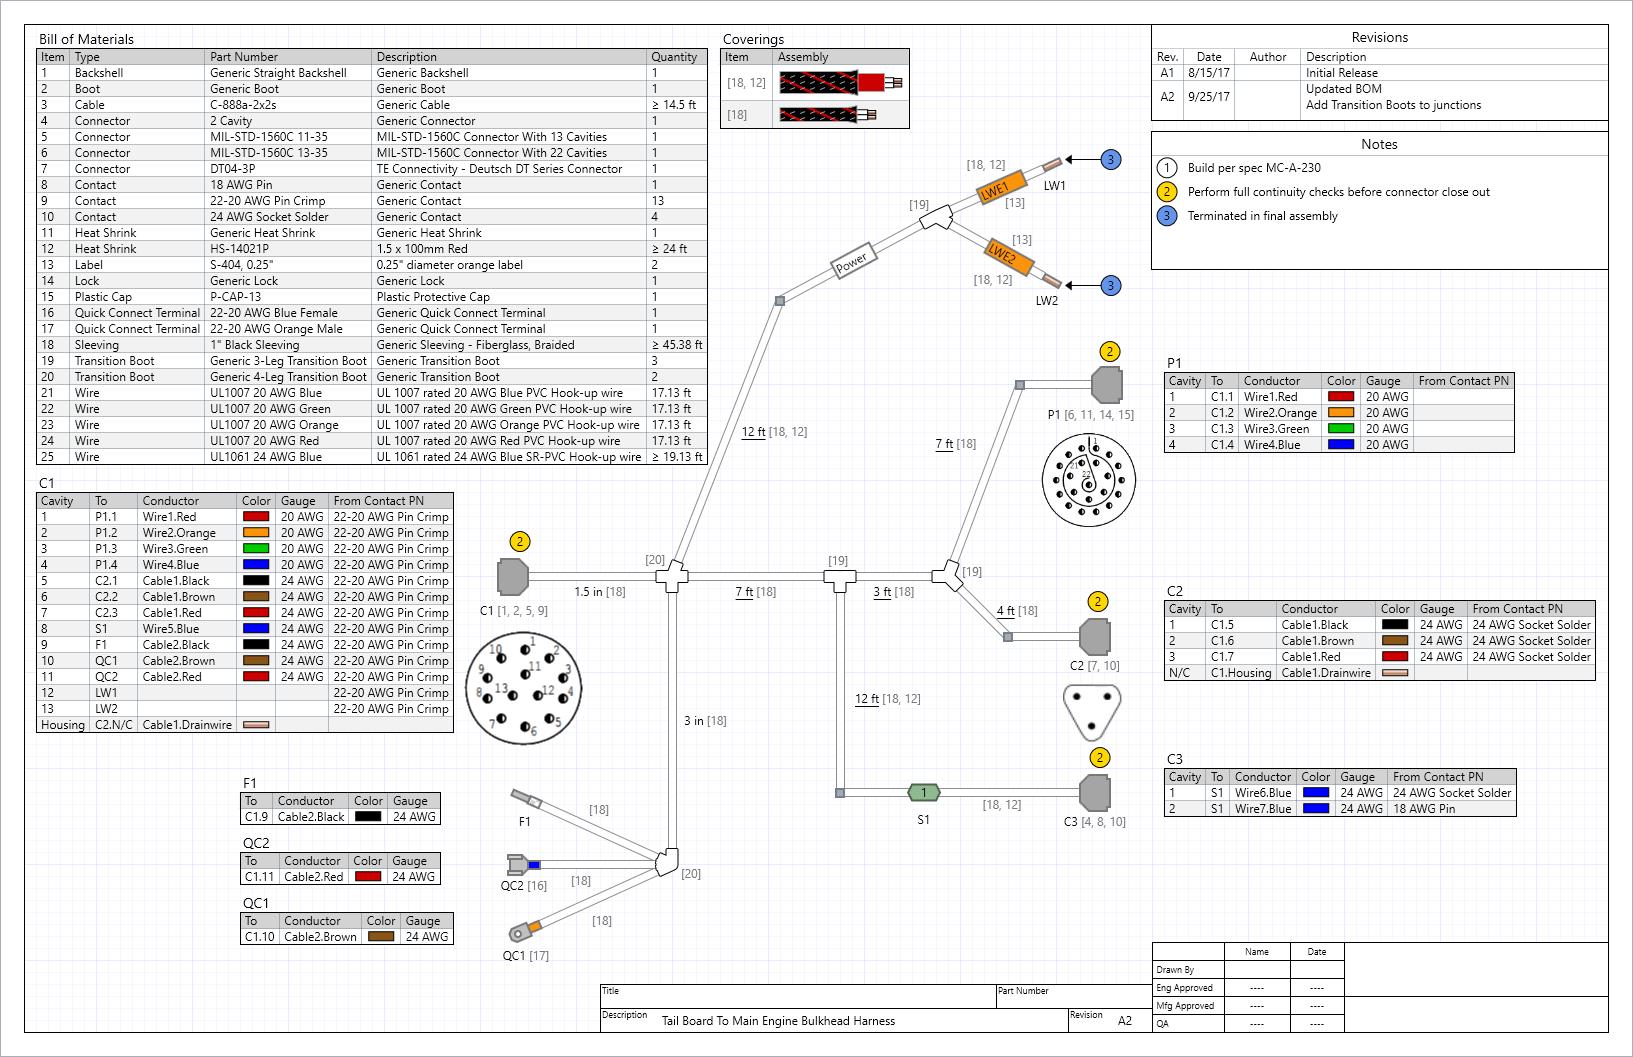 Cable Design Diagram